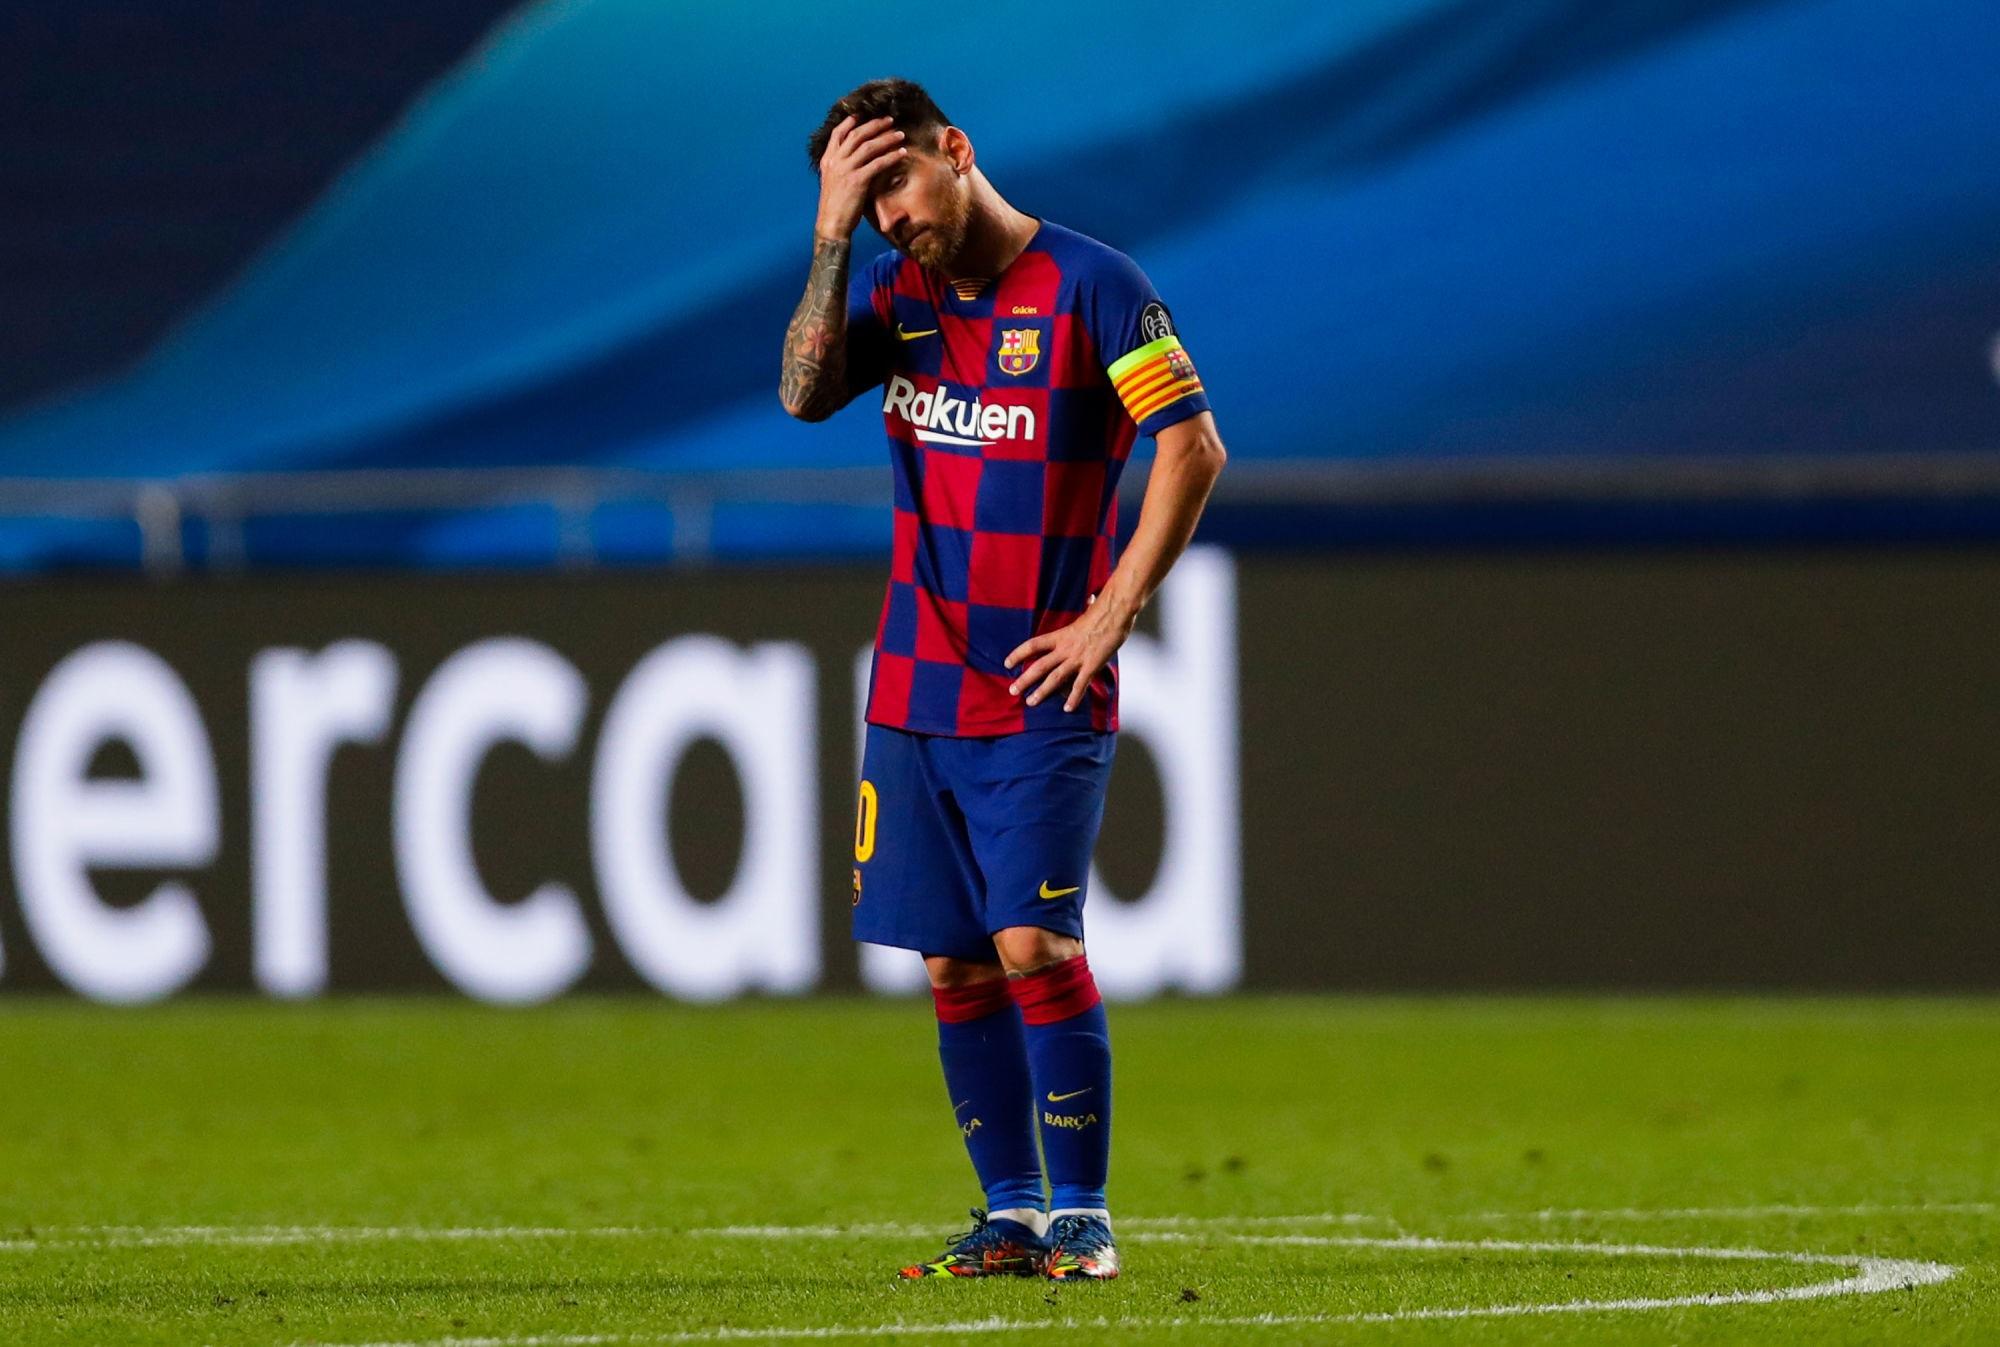 """Mercato - Le PSG va """"essayer de trouver un moyen"""" pour Messi, assure Julien Laurens"""